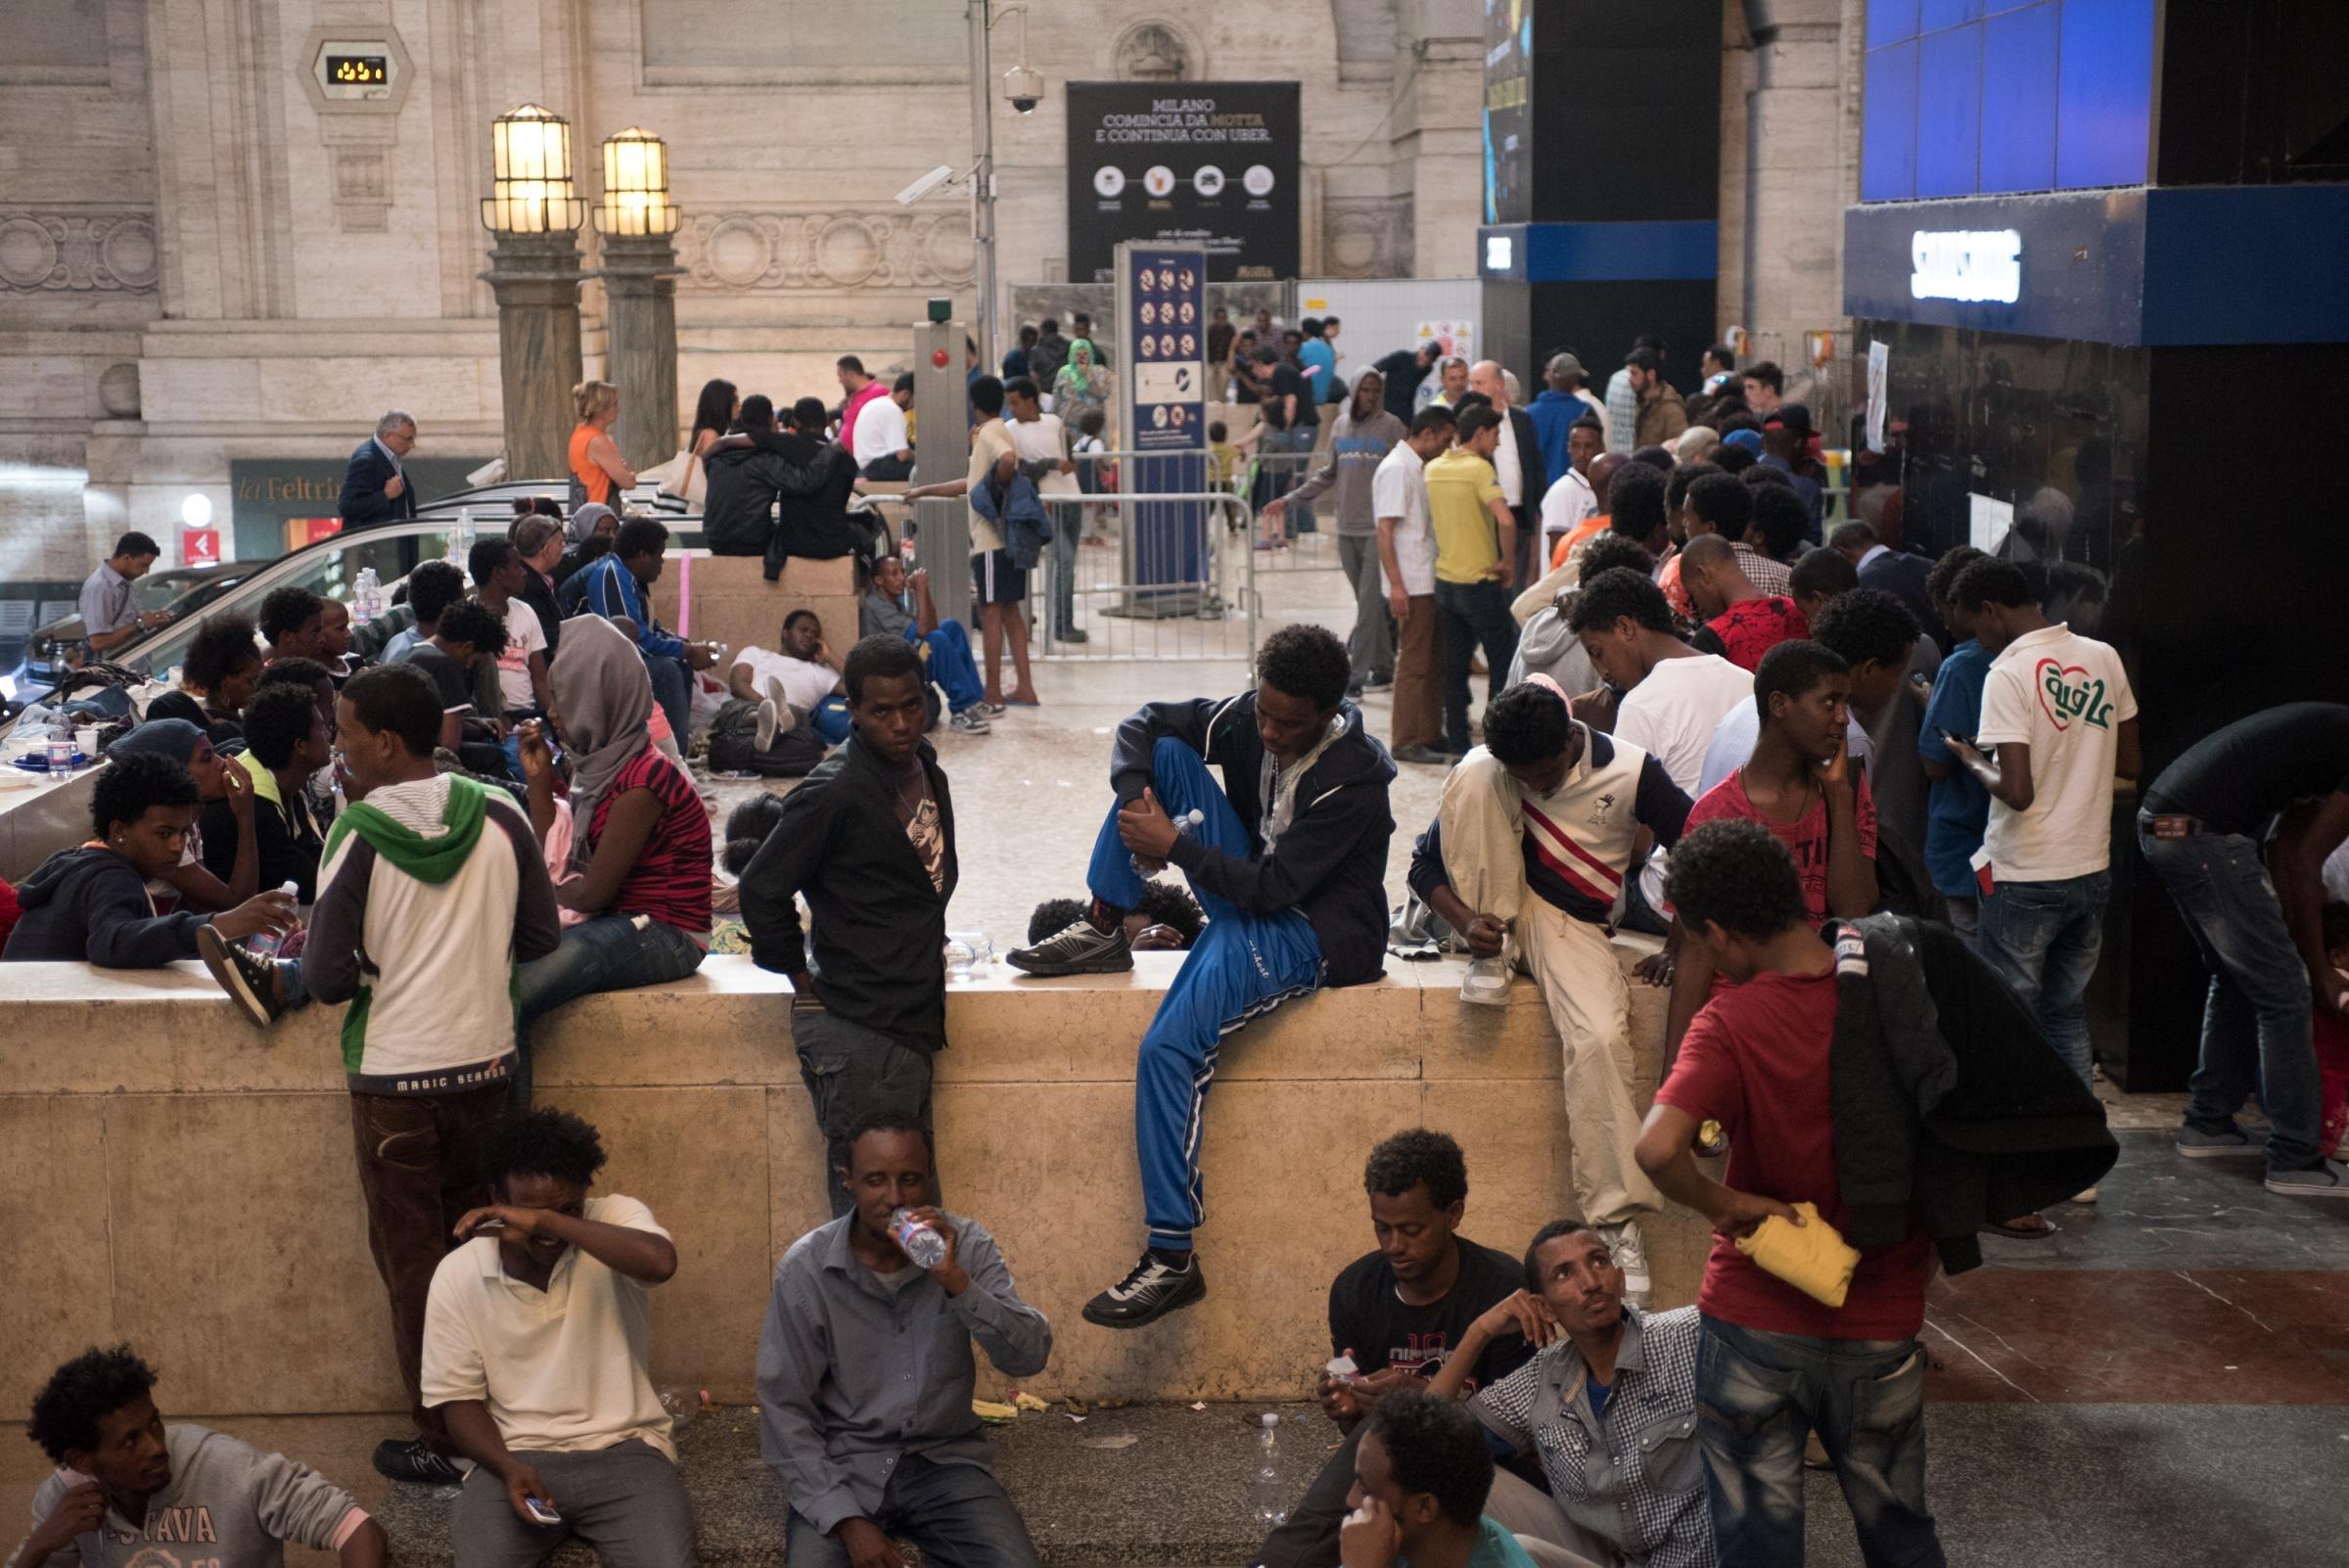 Emergenza immigrati a Milano